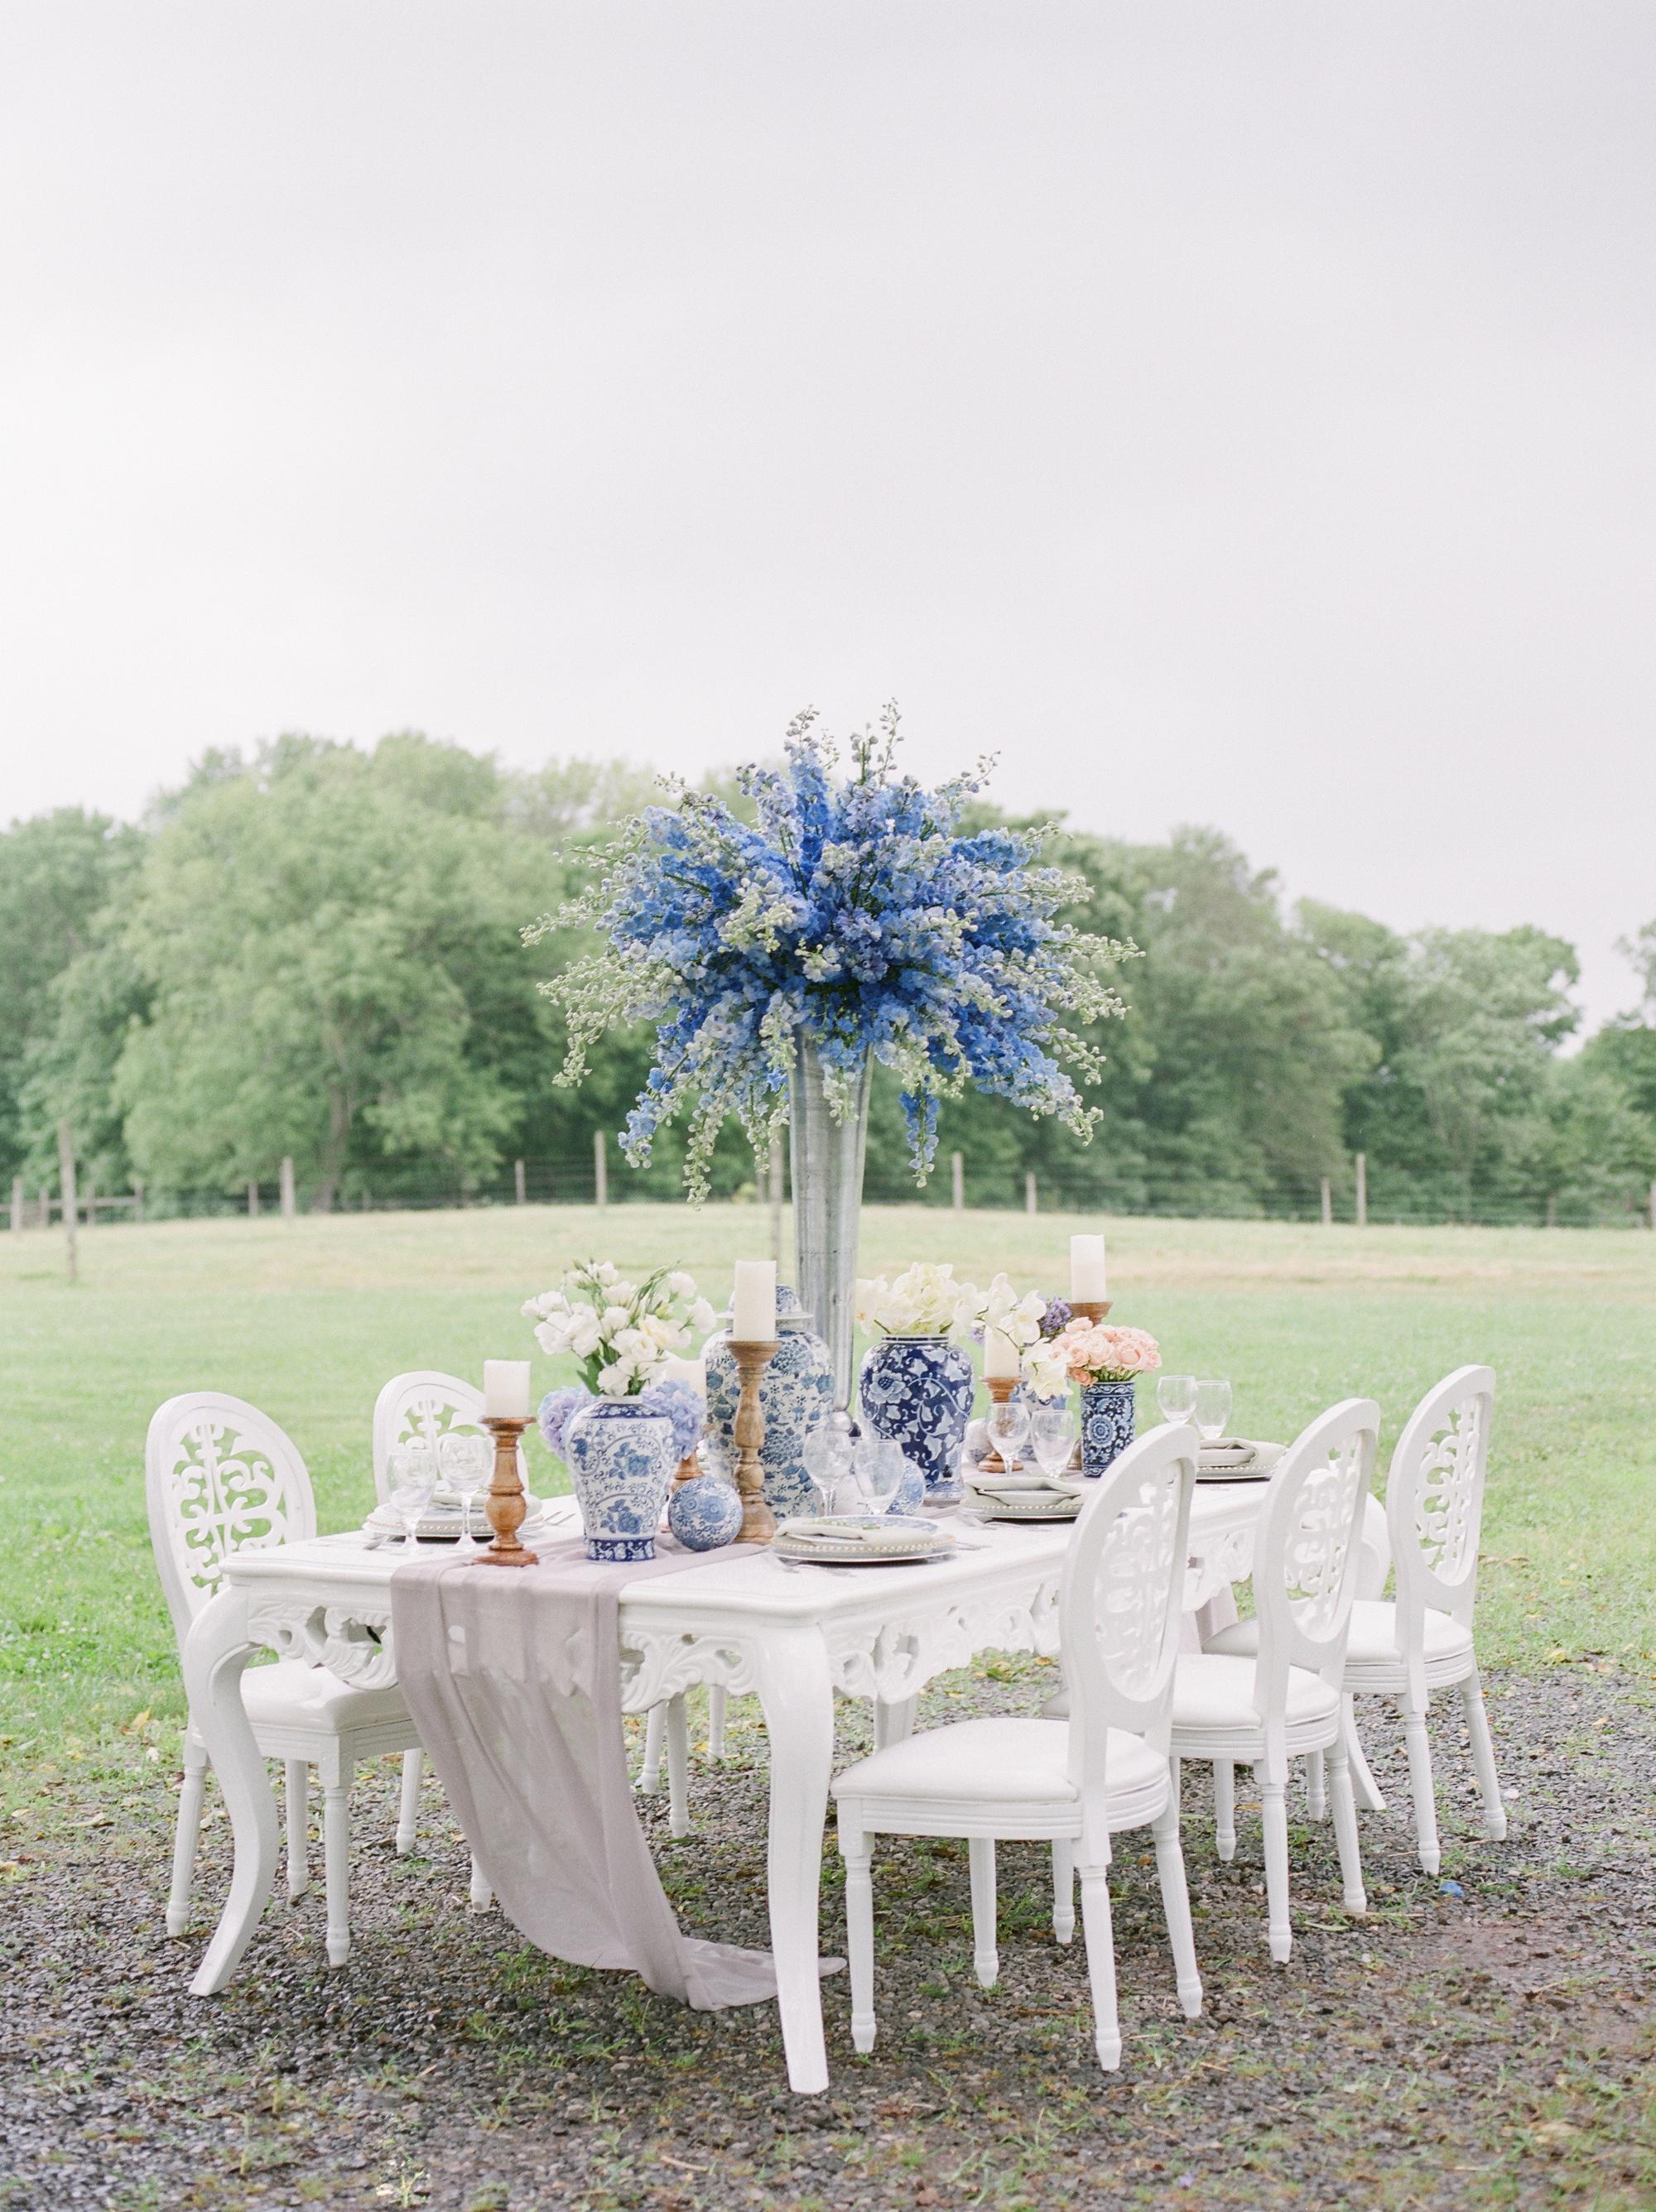 nj_alpaca-farm_wedding_inspiration-14.jpg